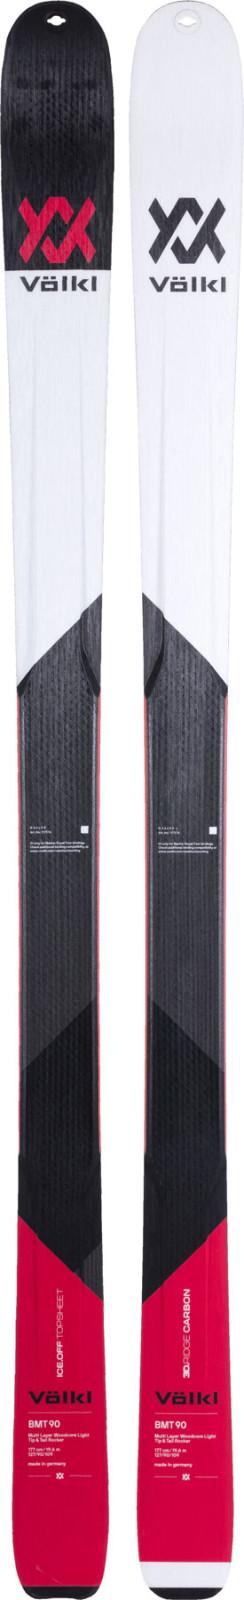 Völkl BMT 90 + stoupací pásy